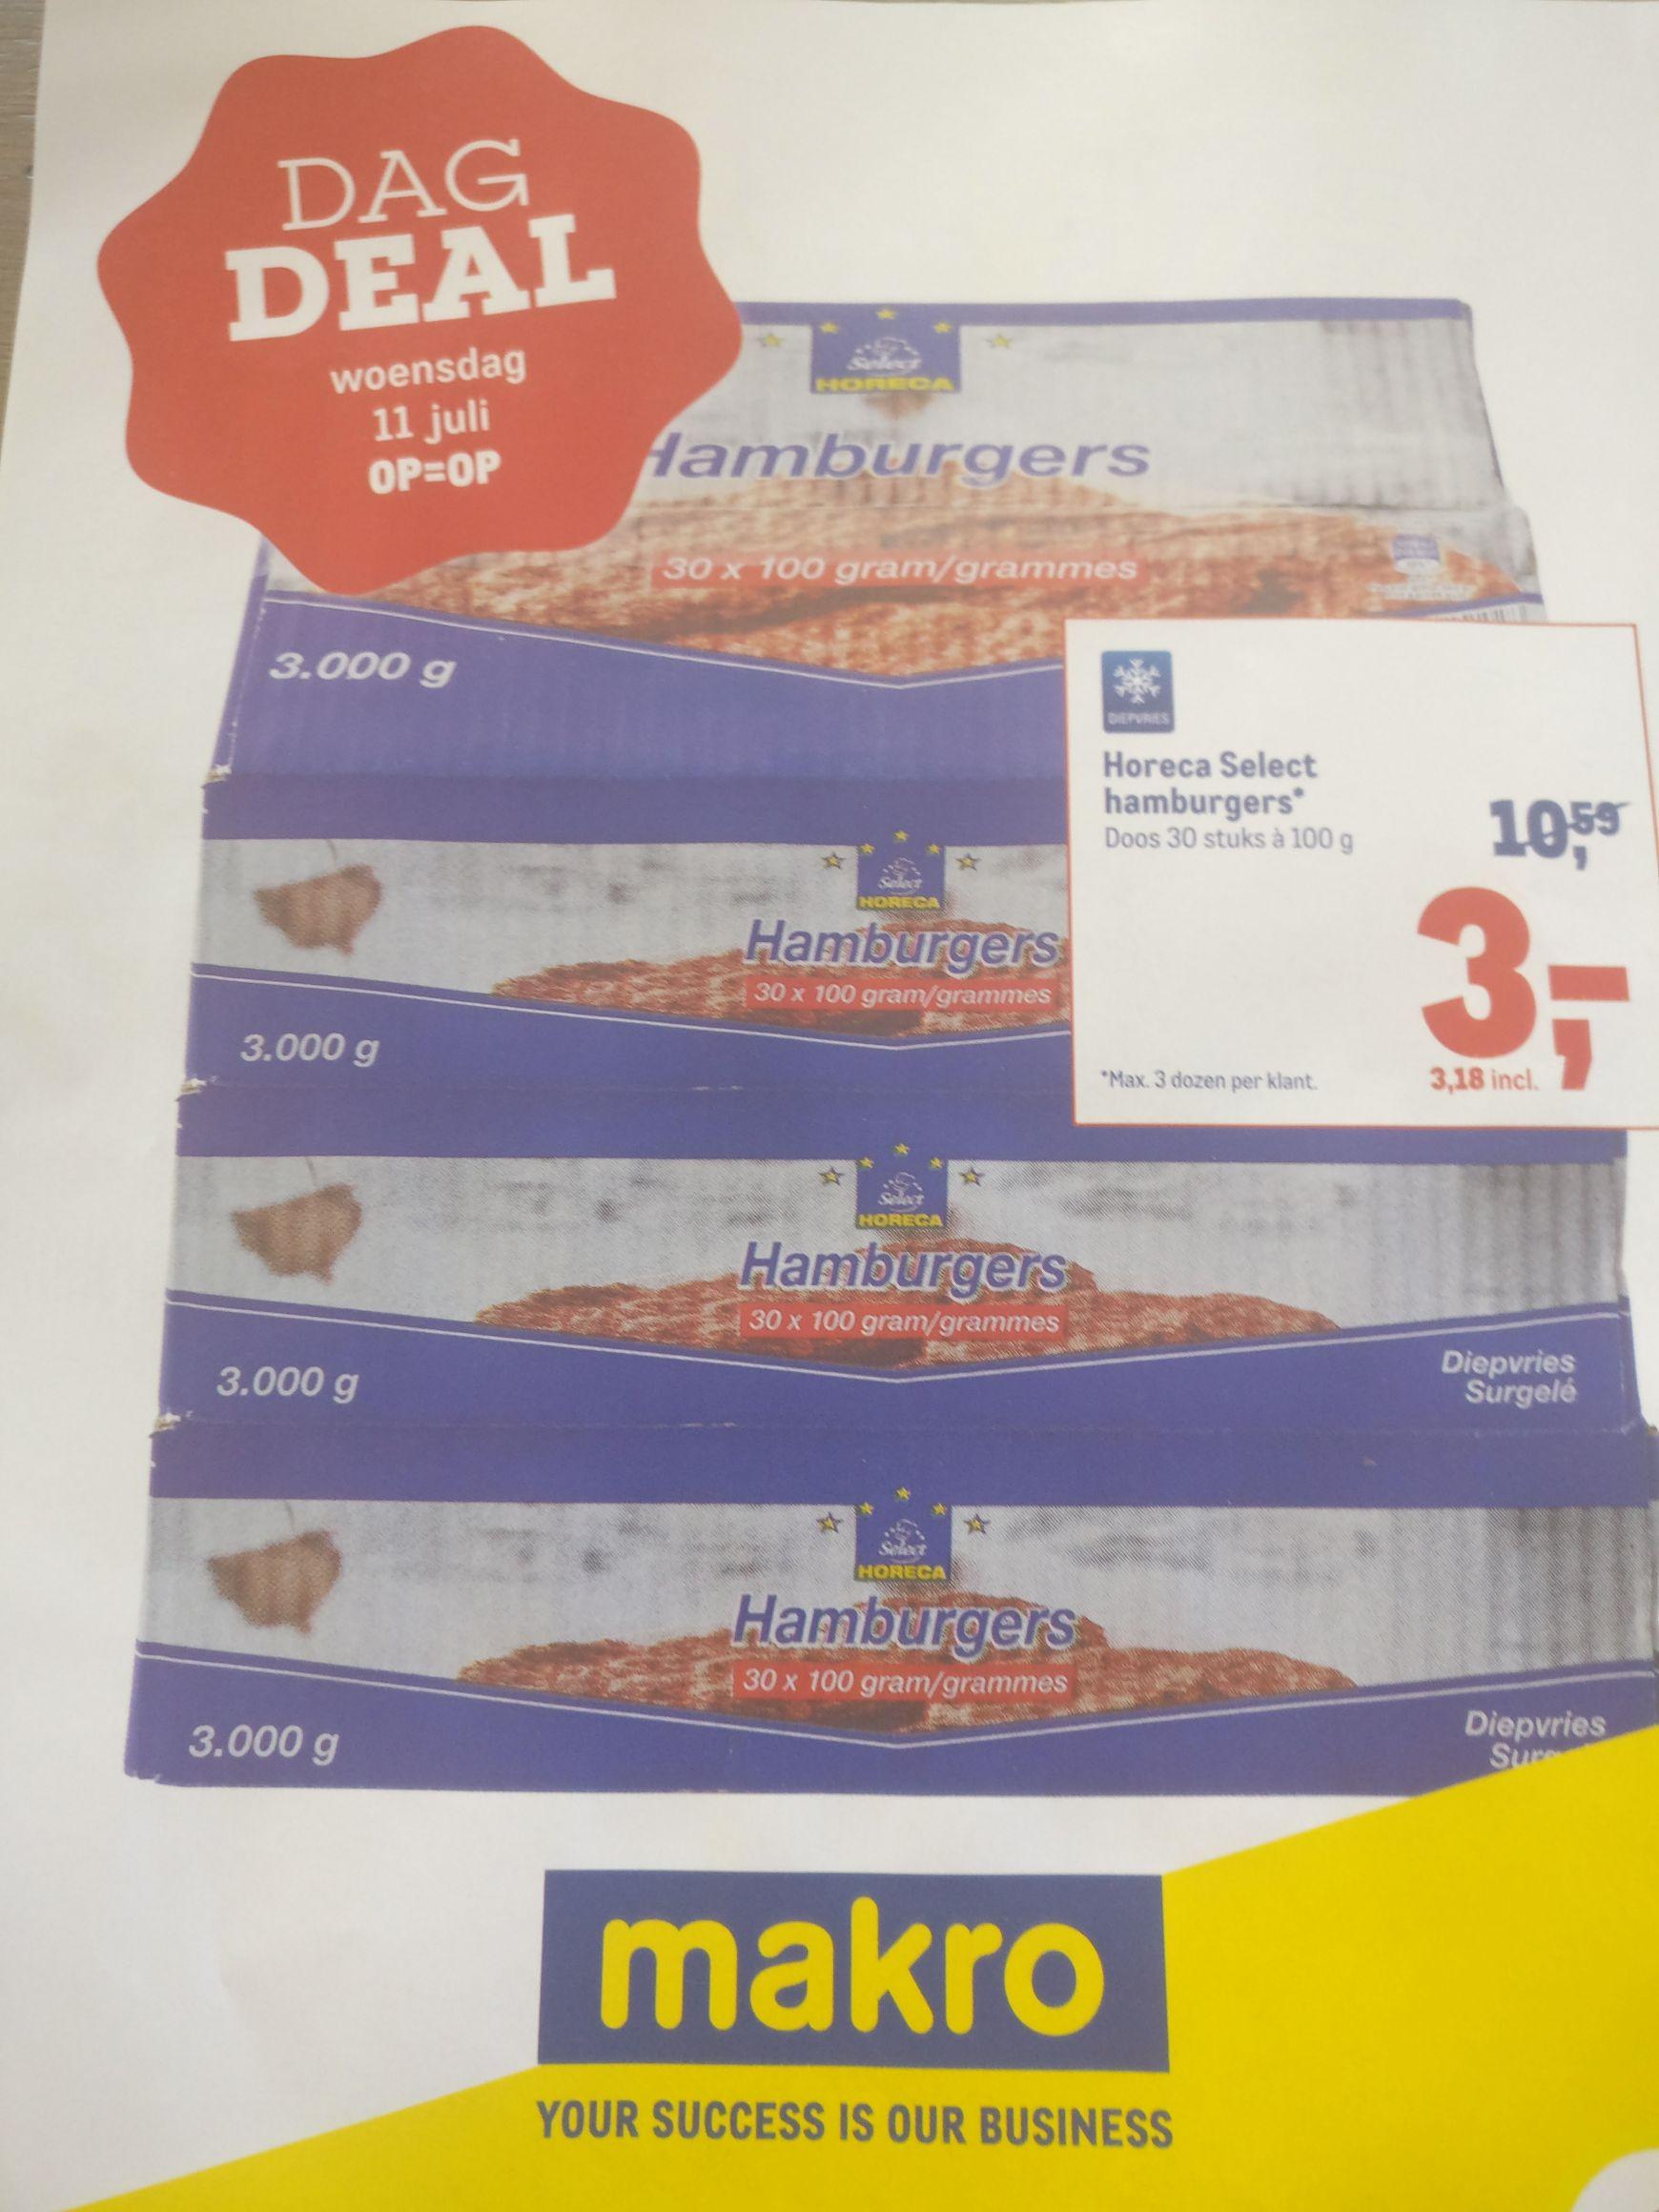 Dagdeal Makro 11 juli: 30 hamburgers voor €3,18!